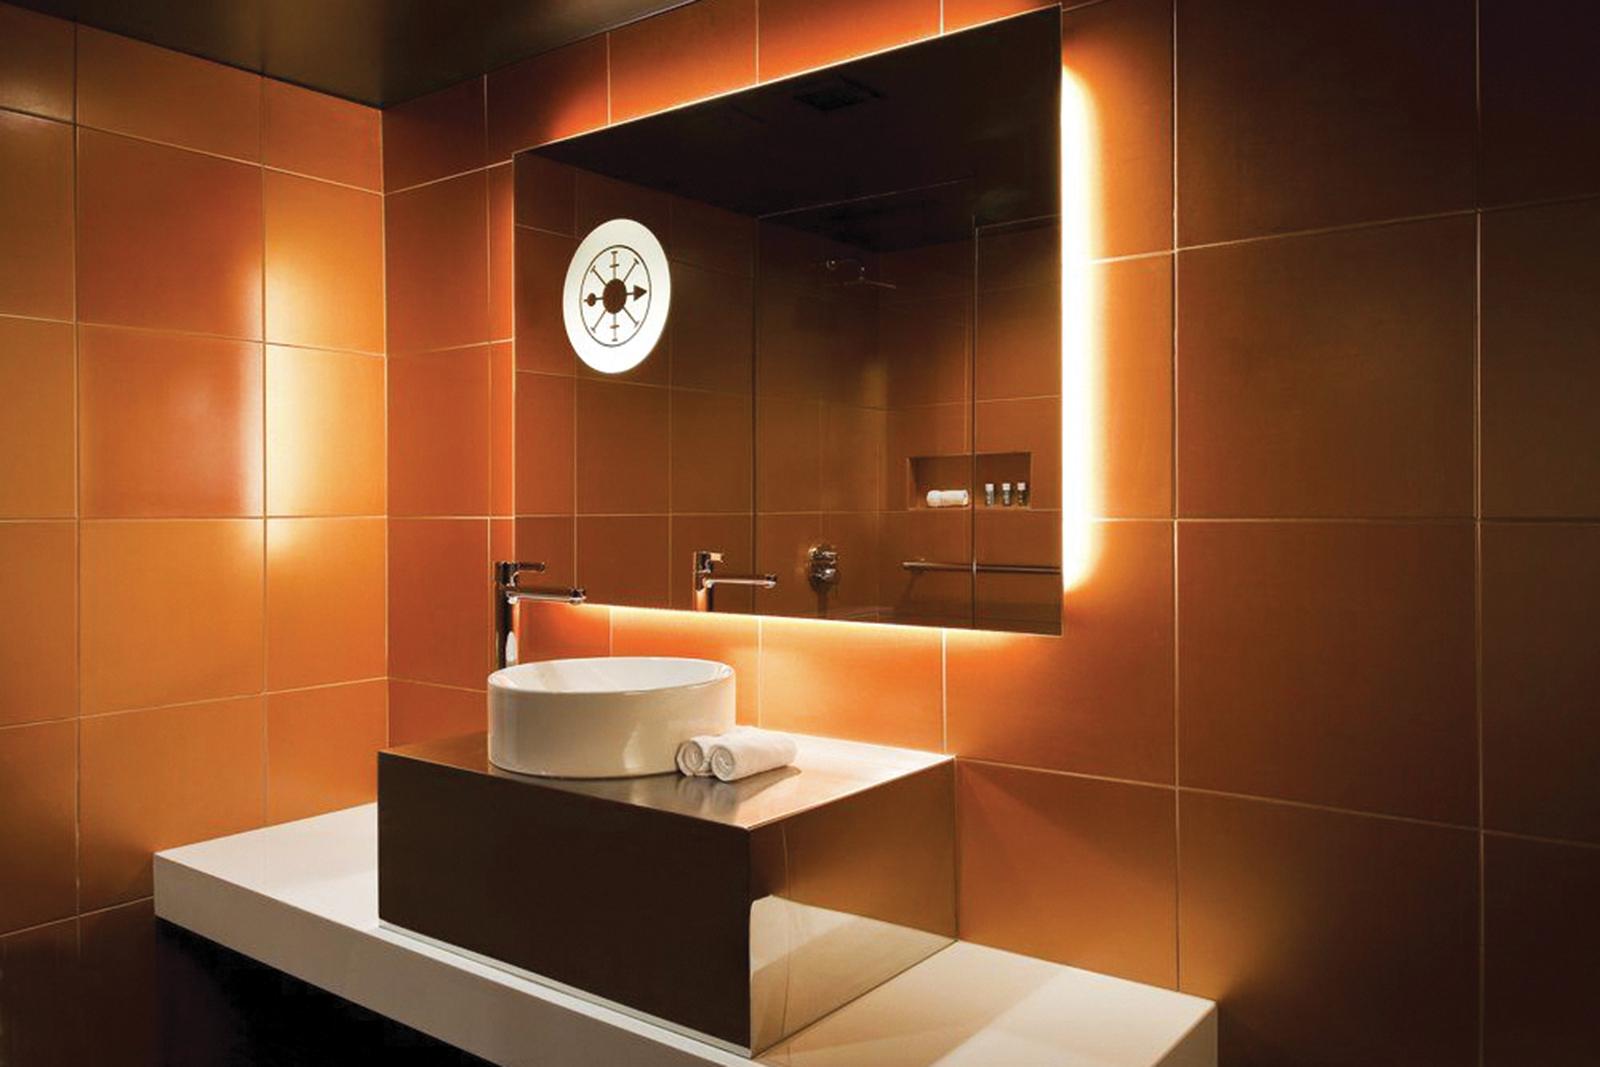 05_W French Quarter-Bathroom_01.jpg